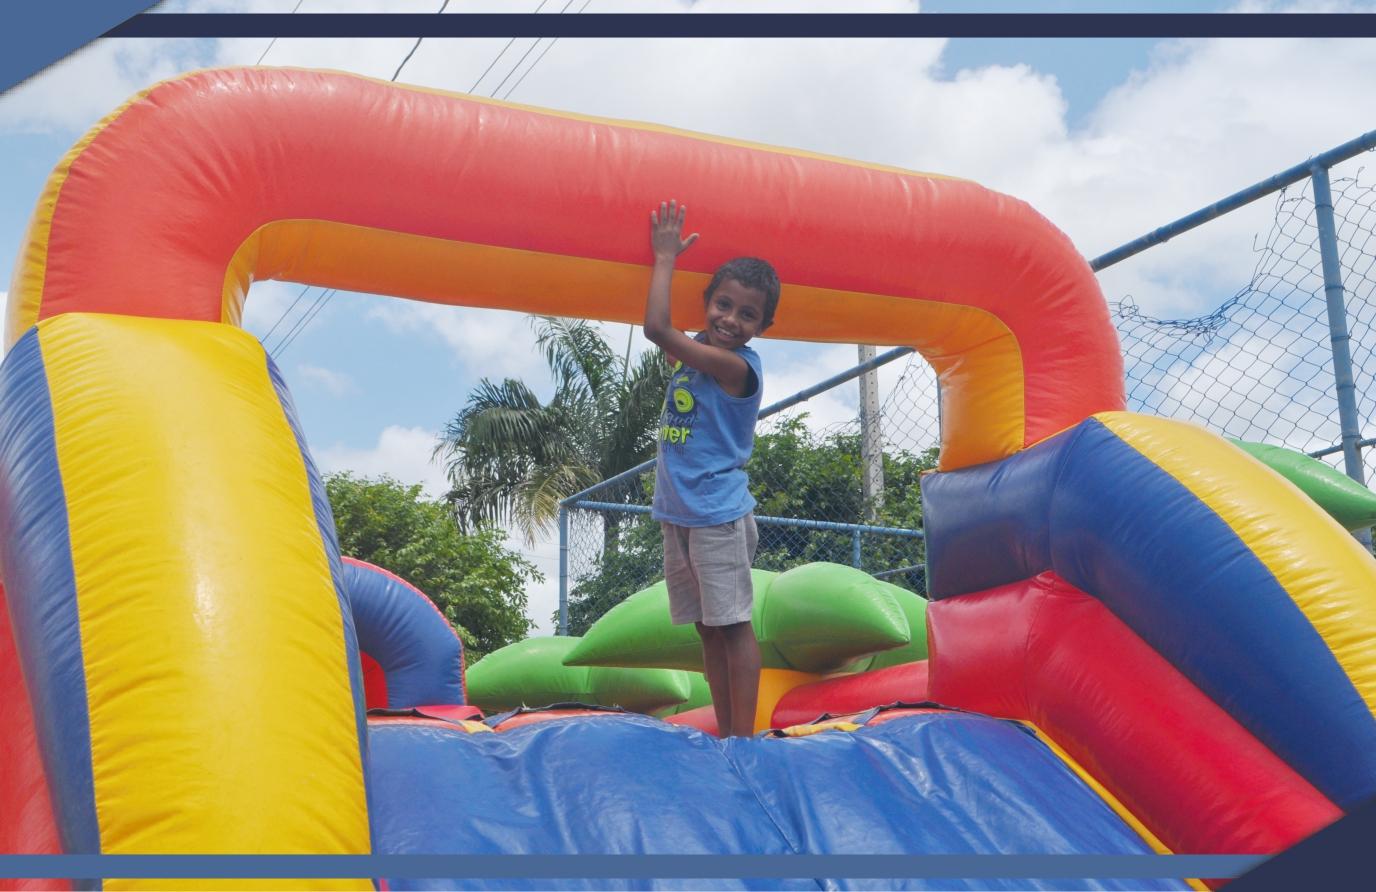 Prefeitura comemora Semana das Crianças e estende programação de hoje (11/10) até as 21h